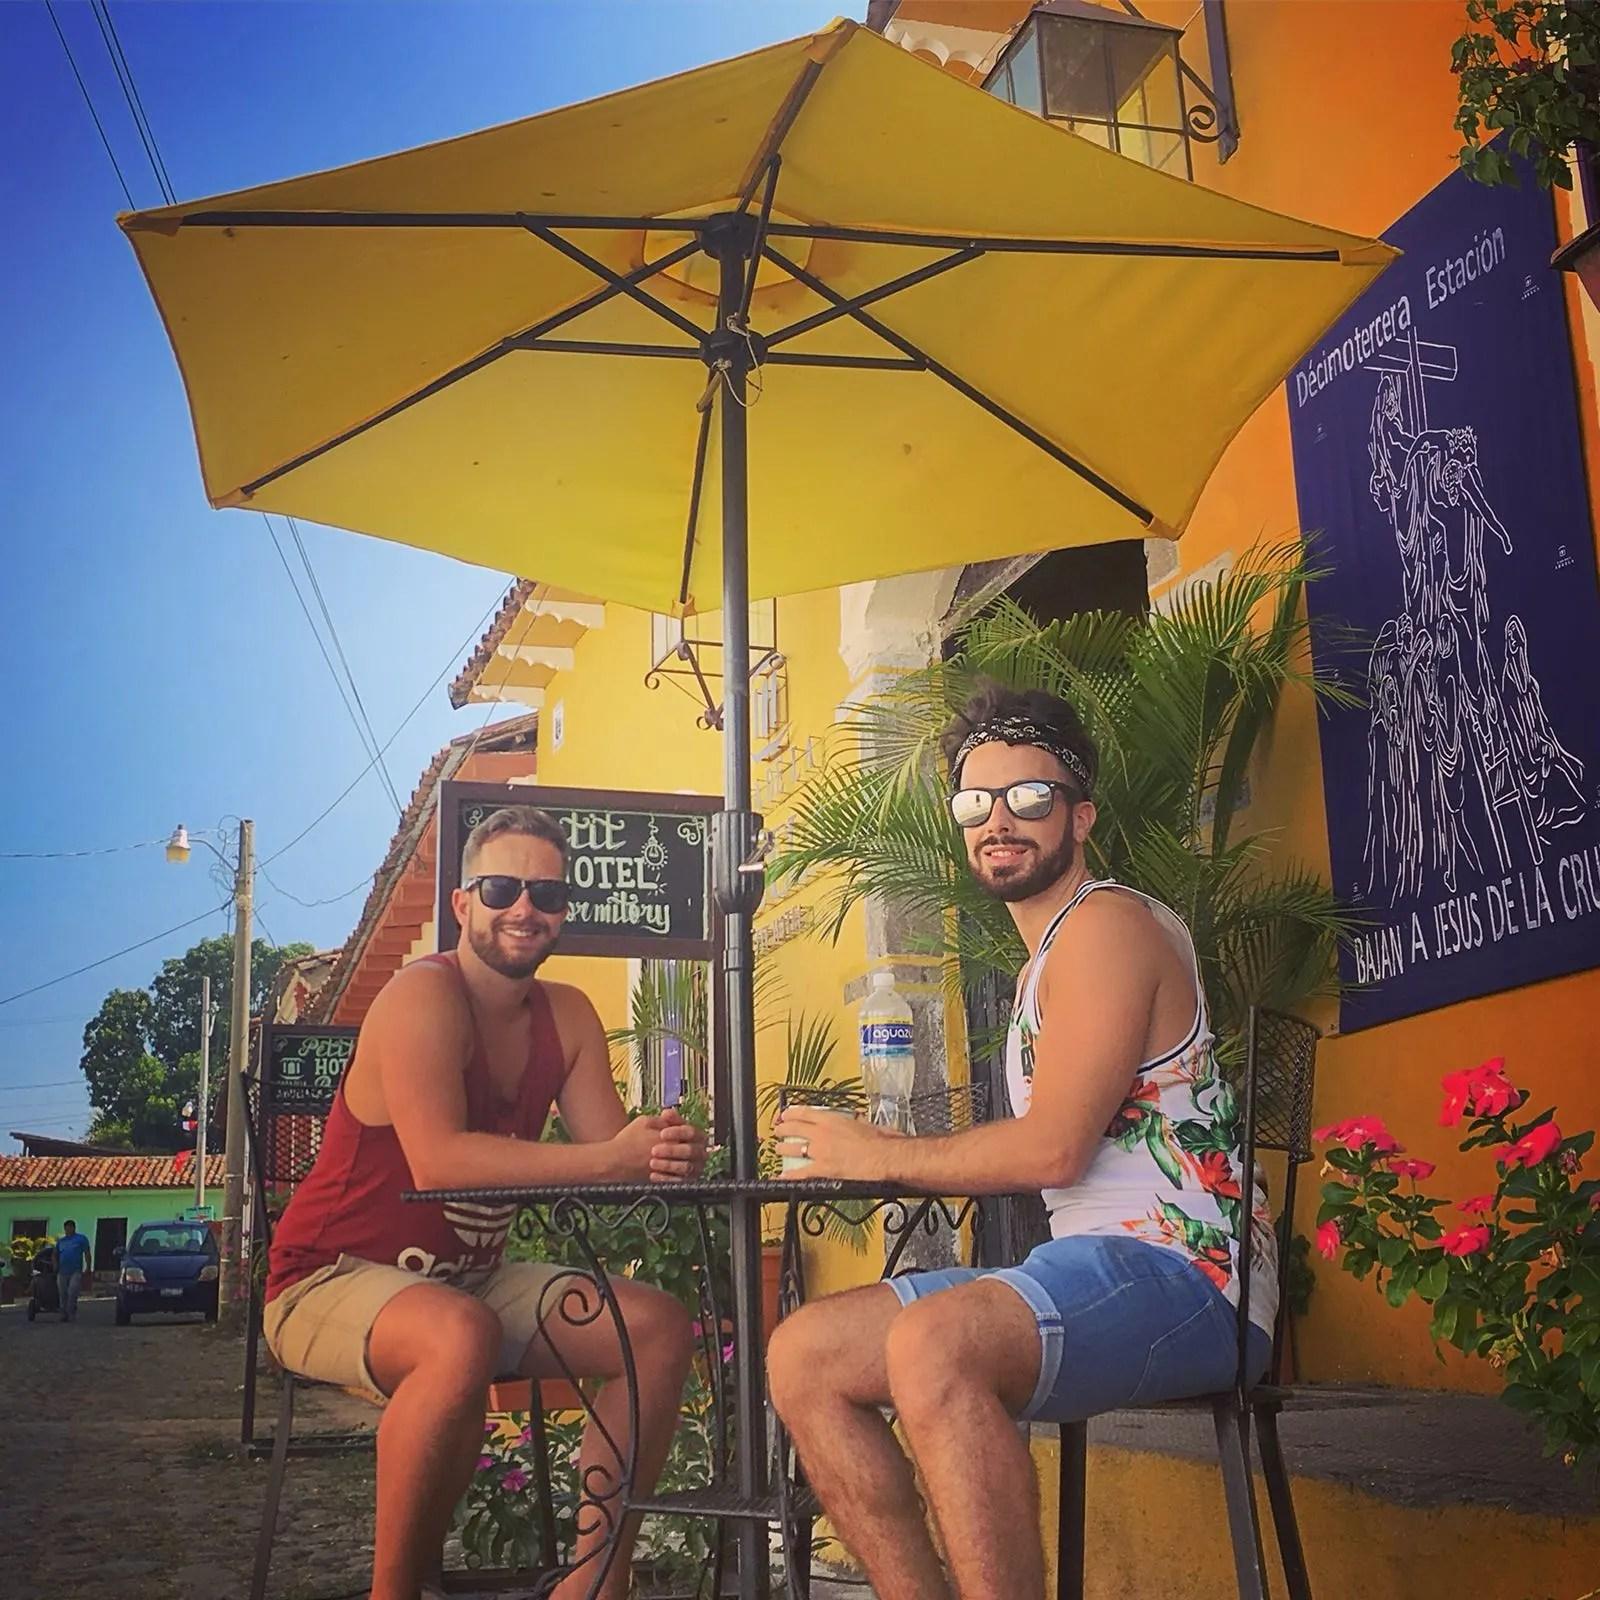 Gay El Salvador: Local Gay Travel Advice